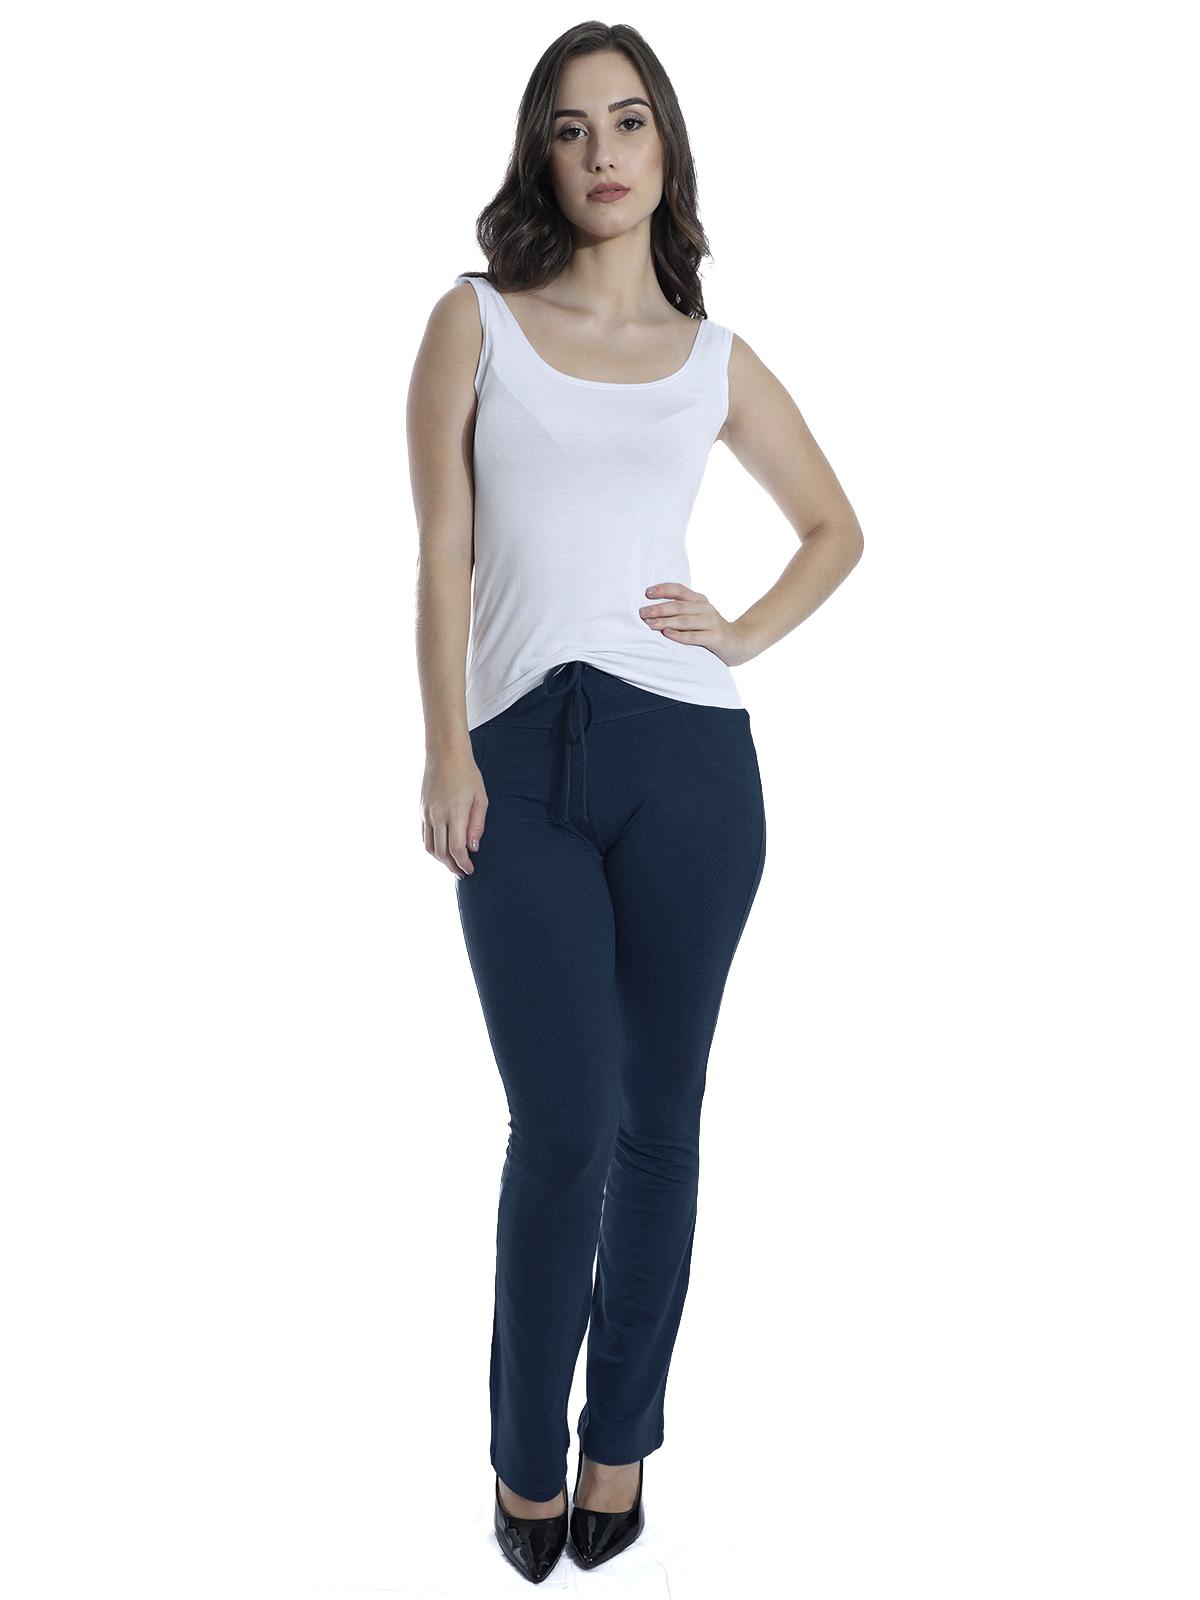 Calça Feminina Reta Moletinho Com Elastano Confort Azul Marinho